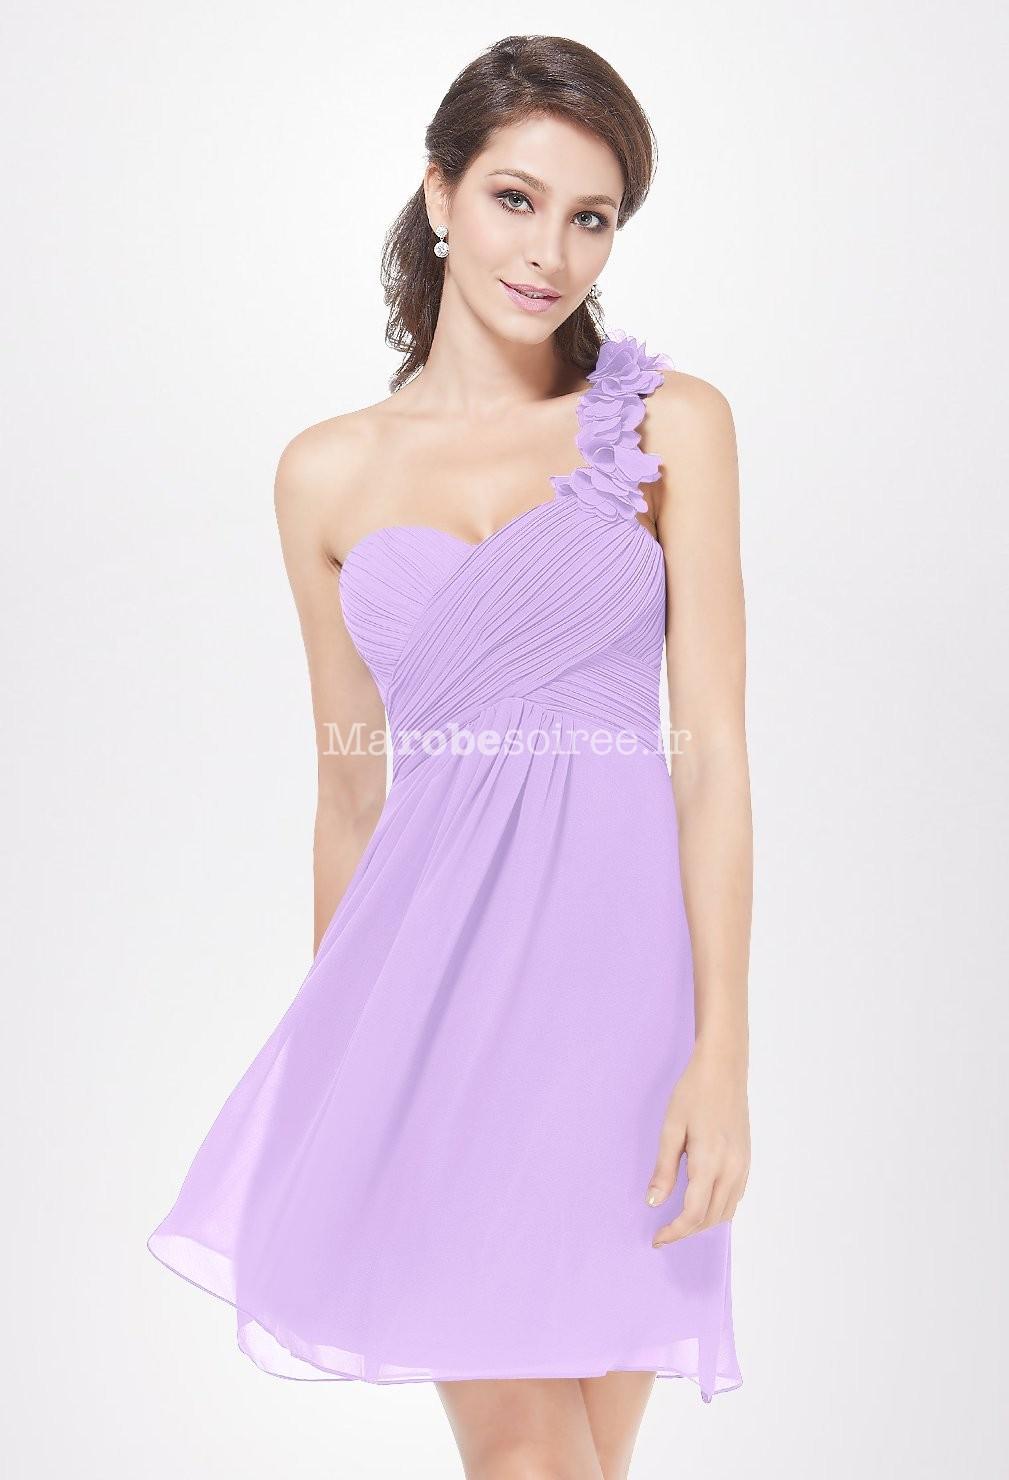 Robe de cocktail couleur lilas